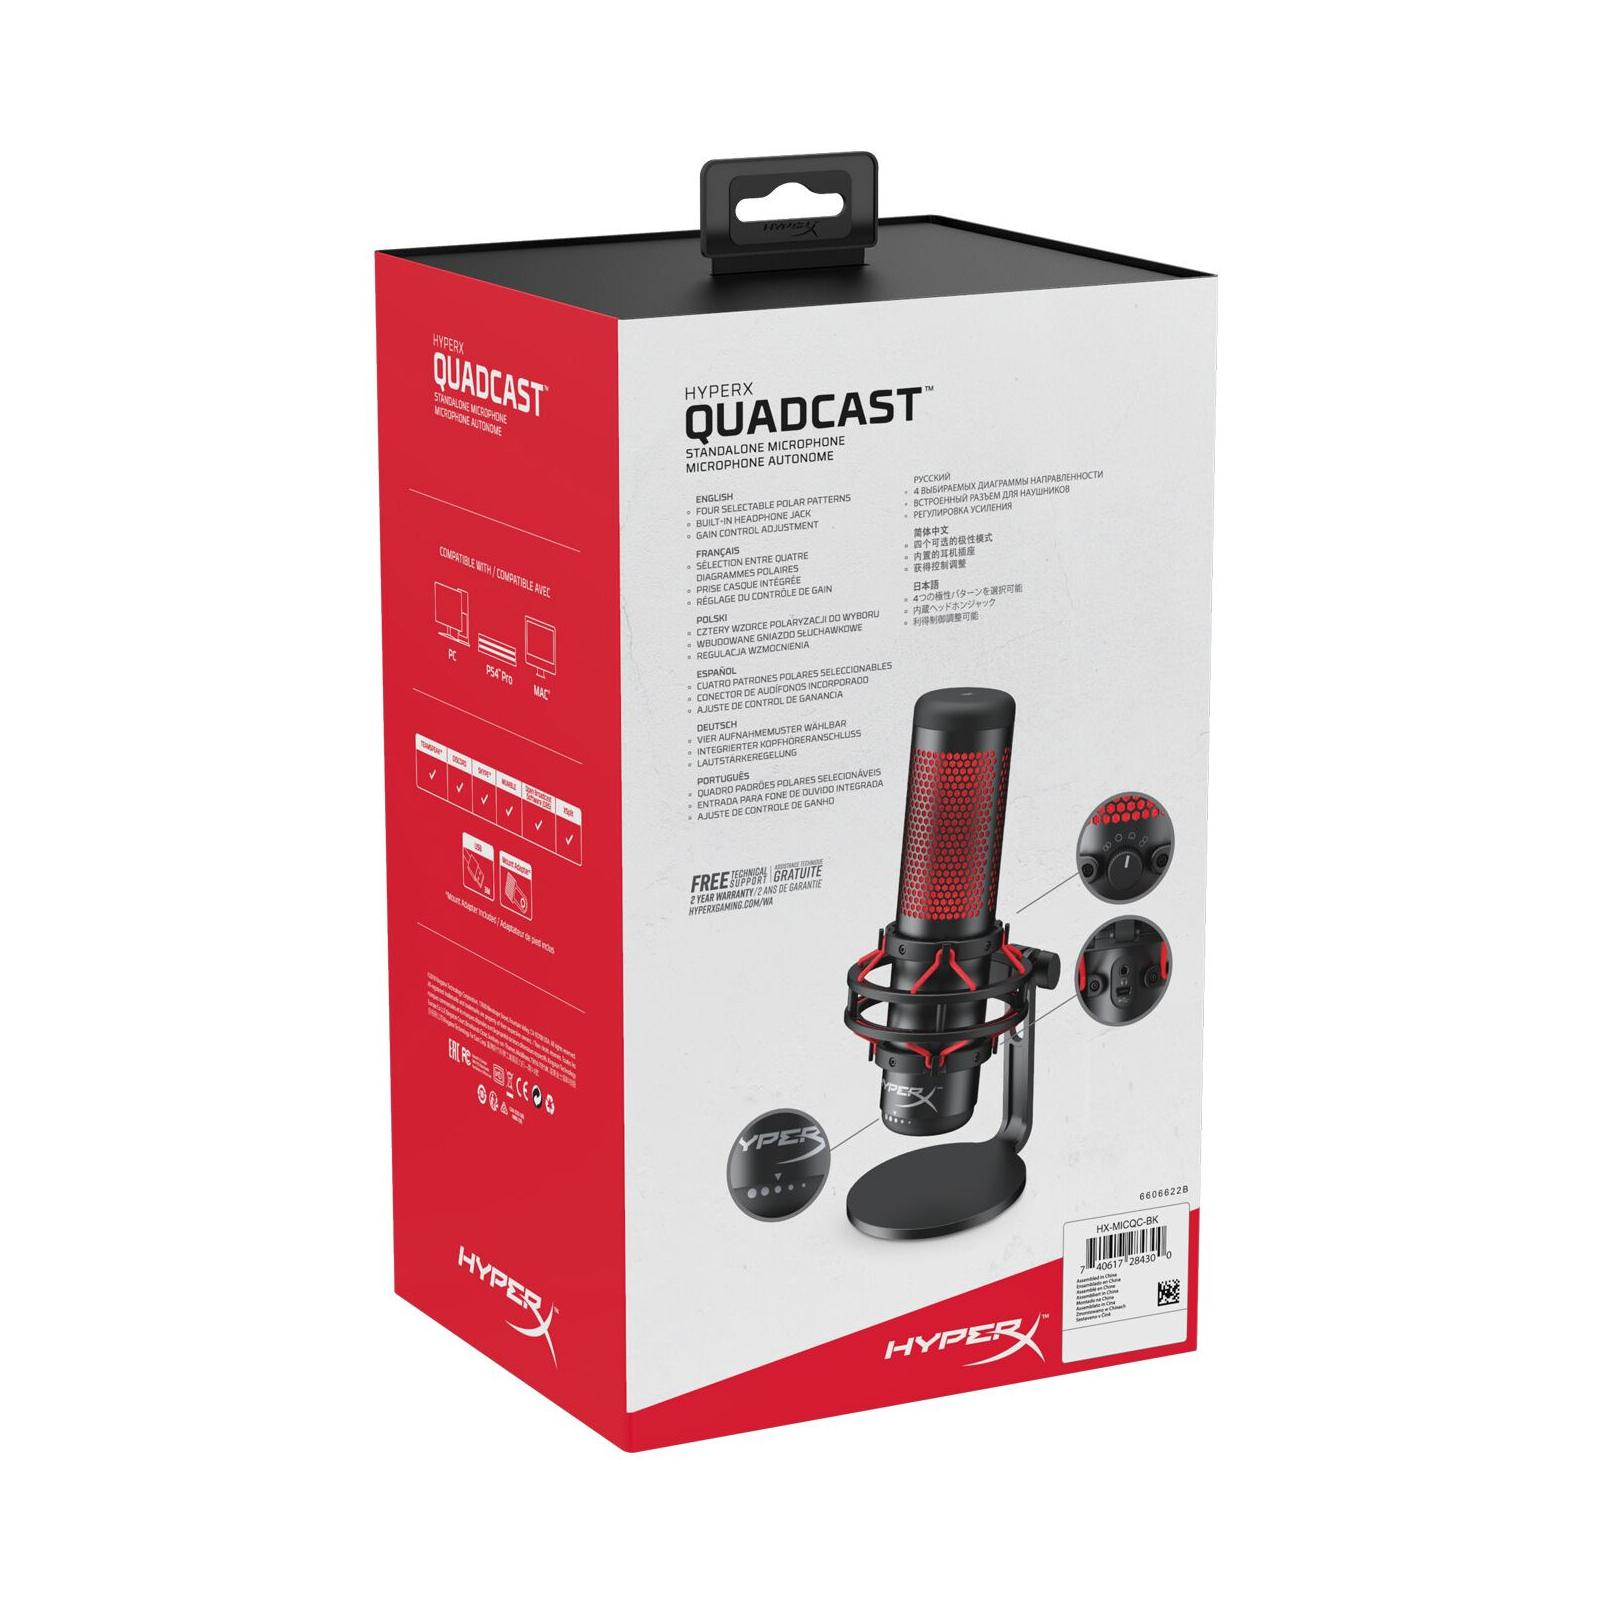 Мікрофон HyperX Quadcast (HX-MICQC-BK) зображення 10